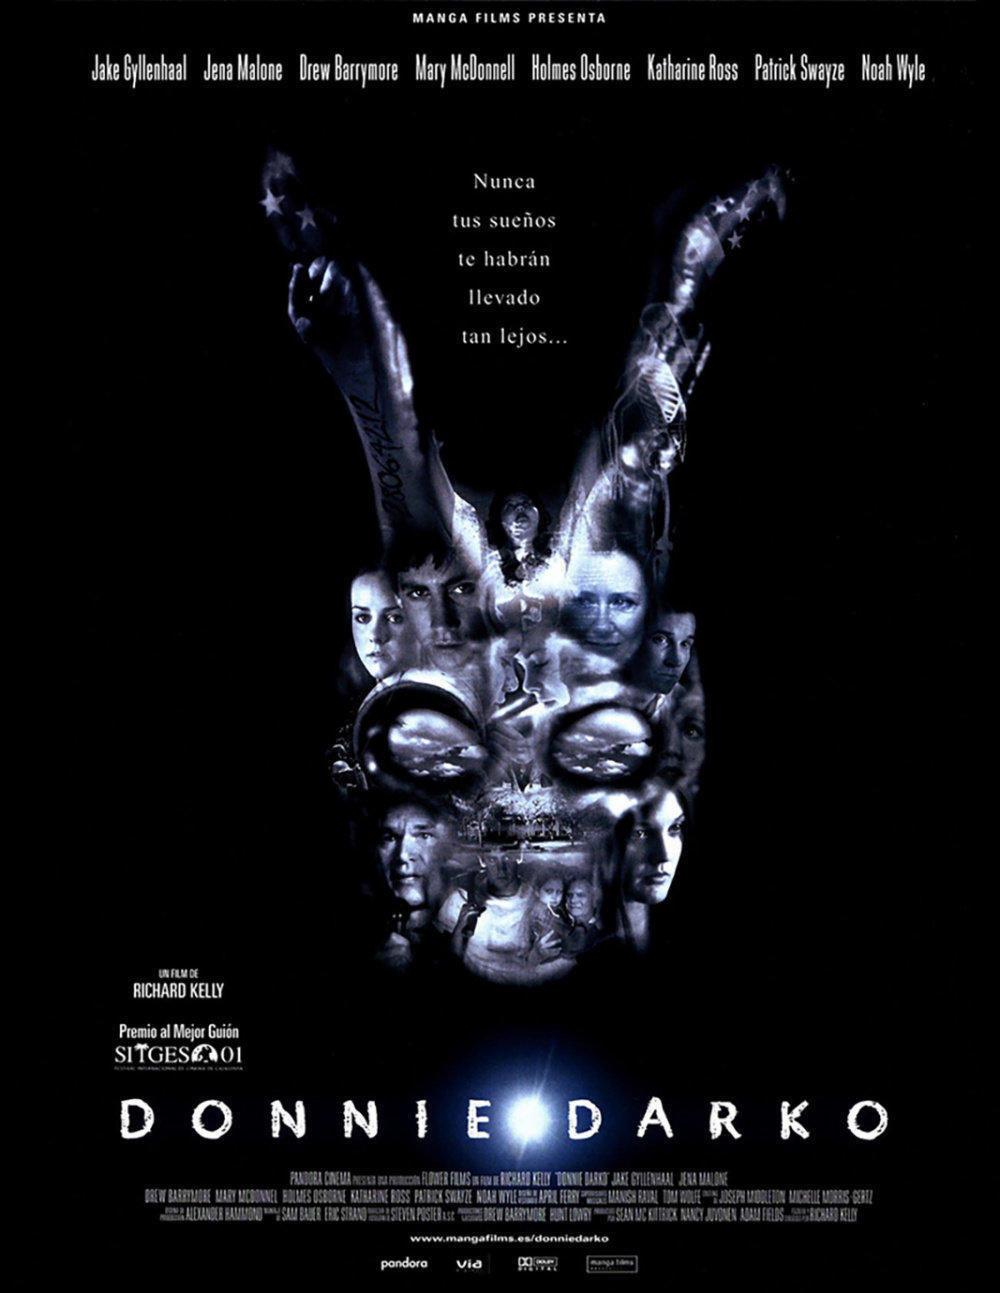 affiche du film Donnie Darko version longue